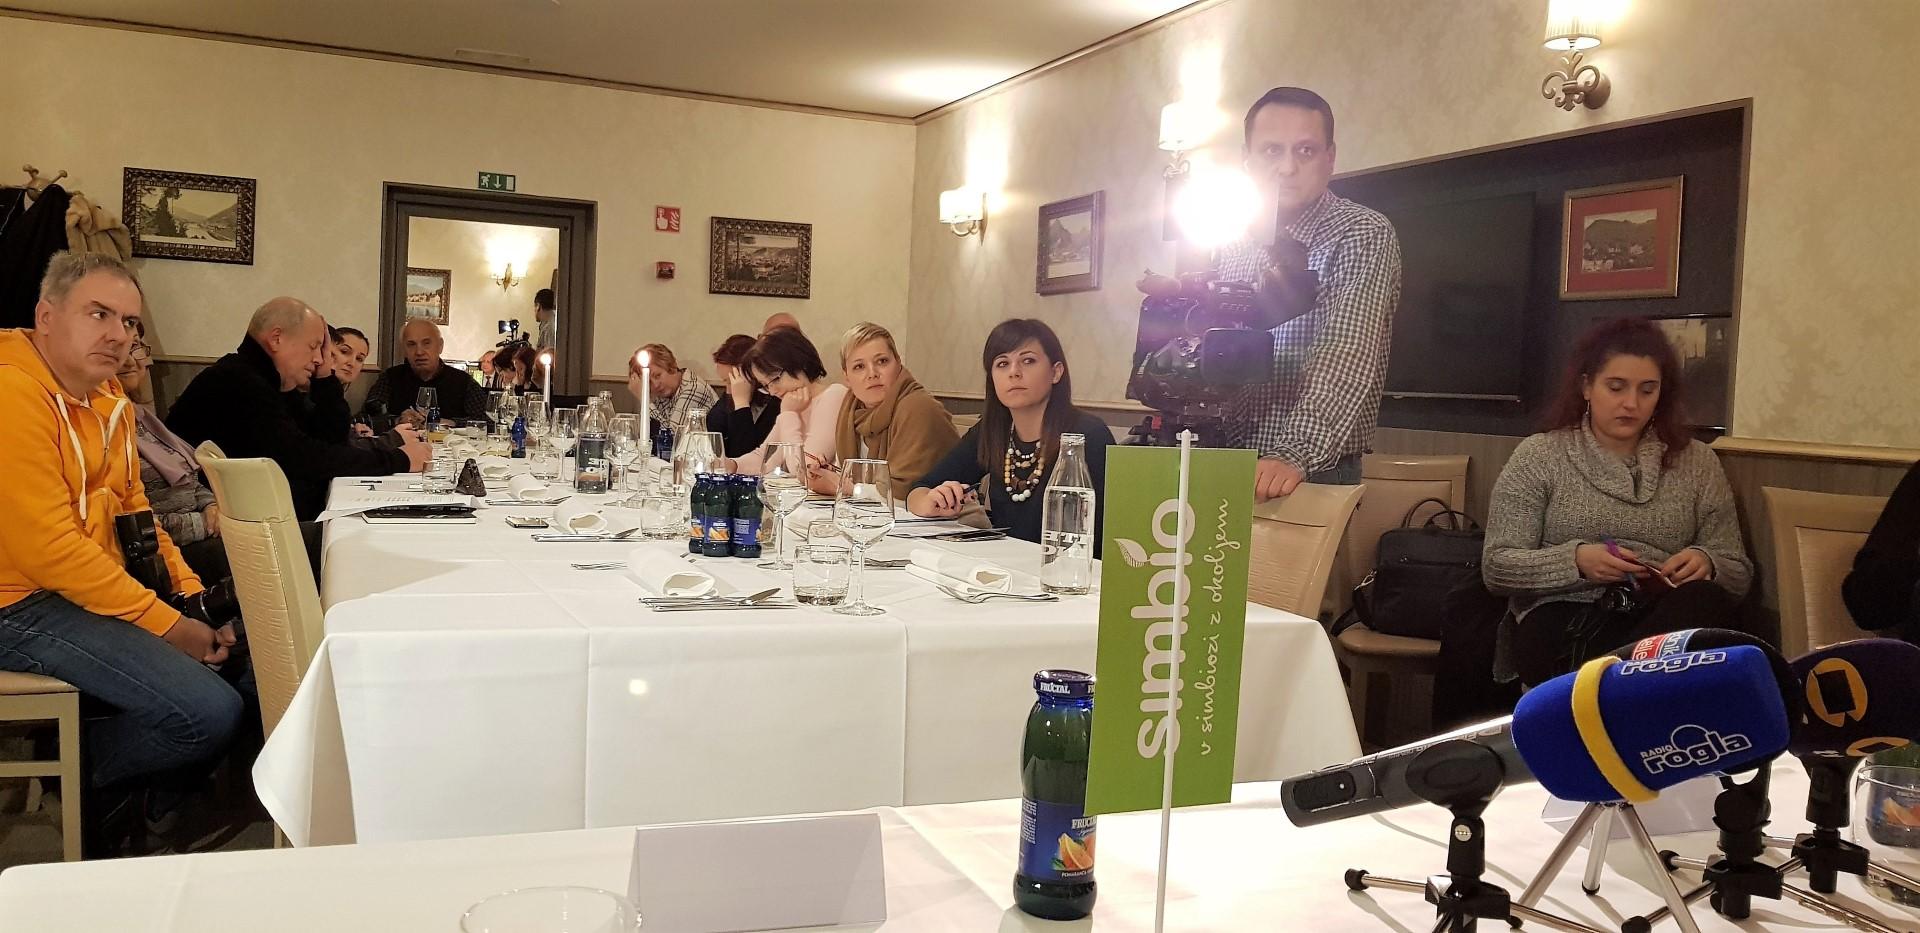 Tradicionalna letna novinarska konferenca družbe Simbio pritegne vsako leto veliko zanimanja.